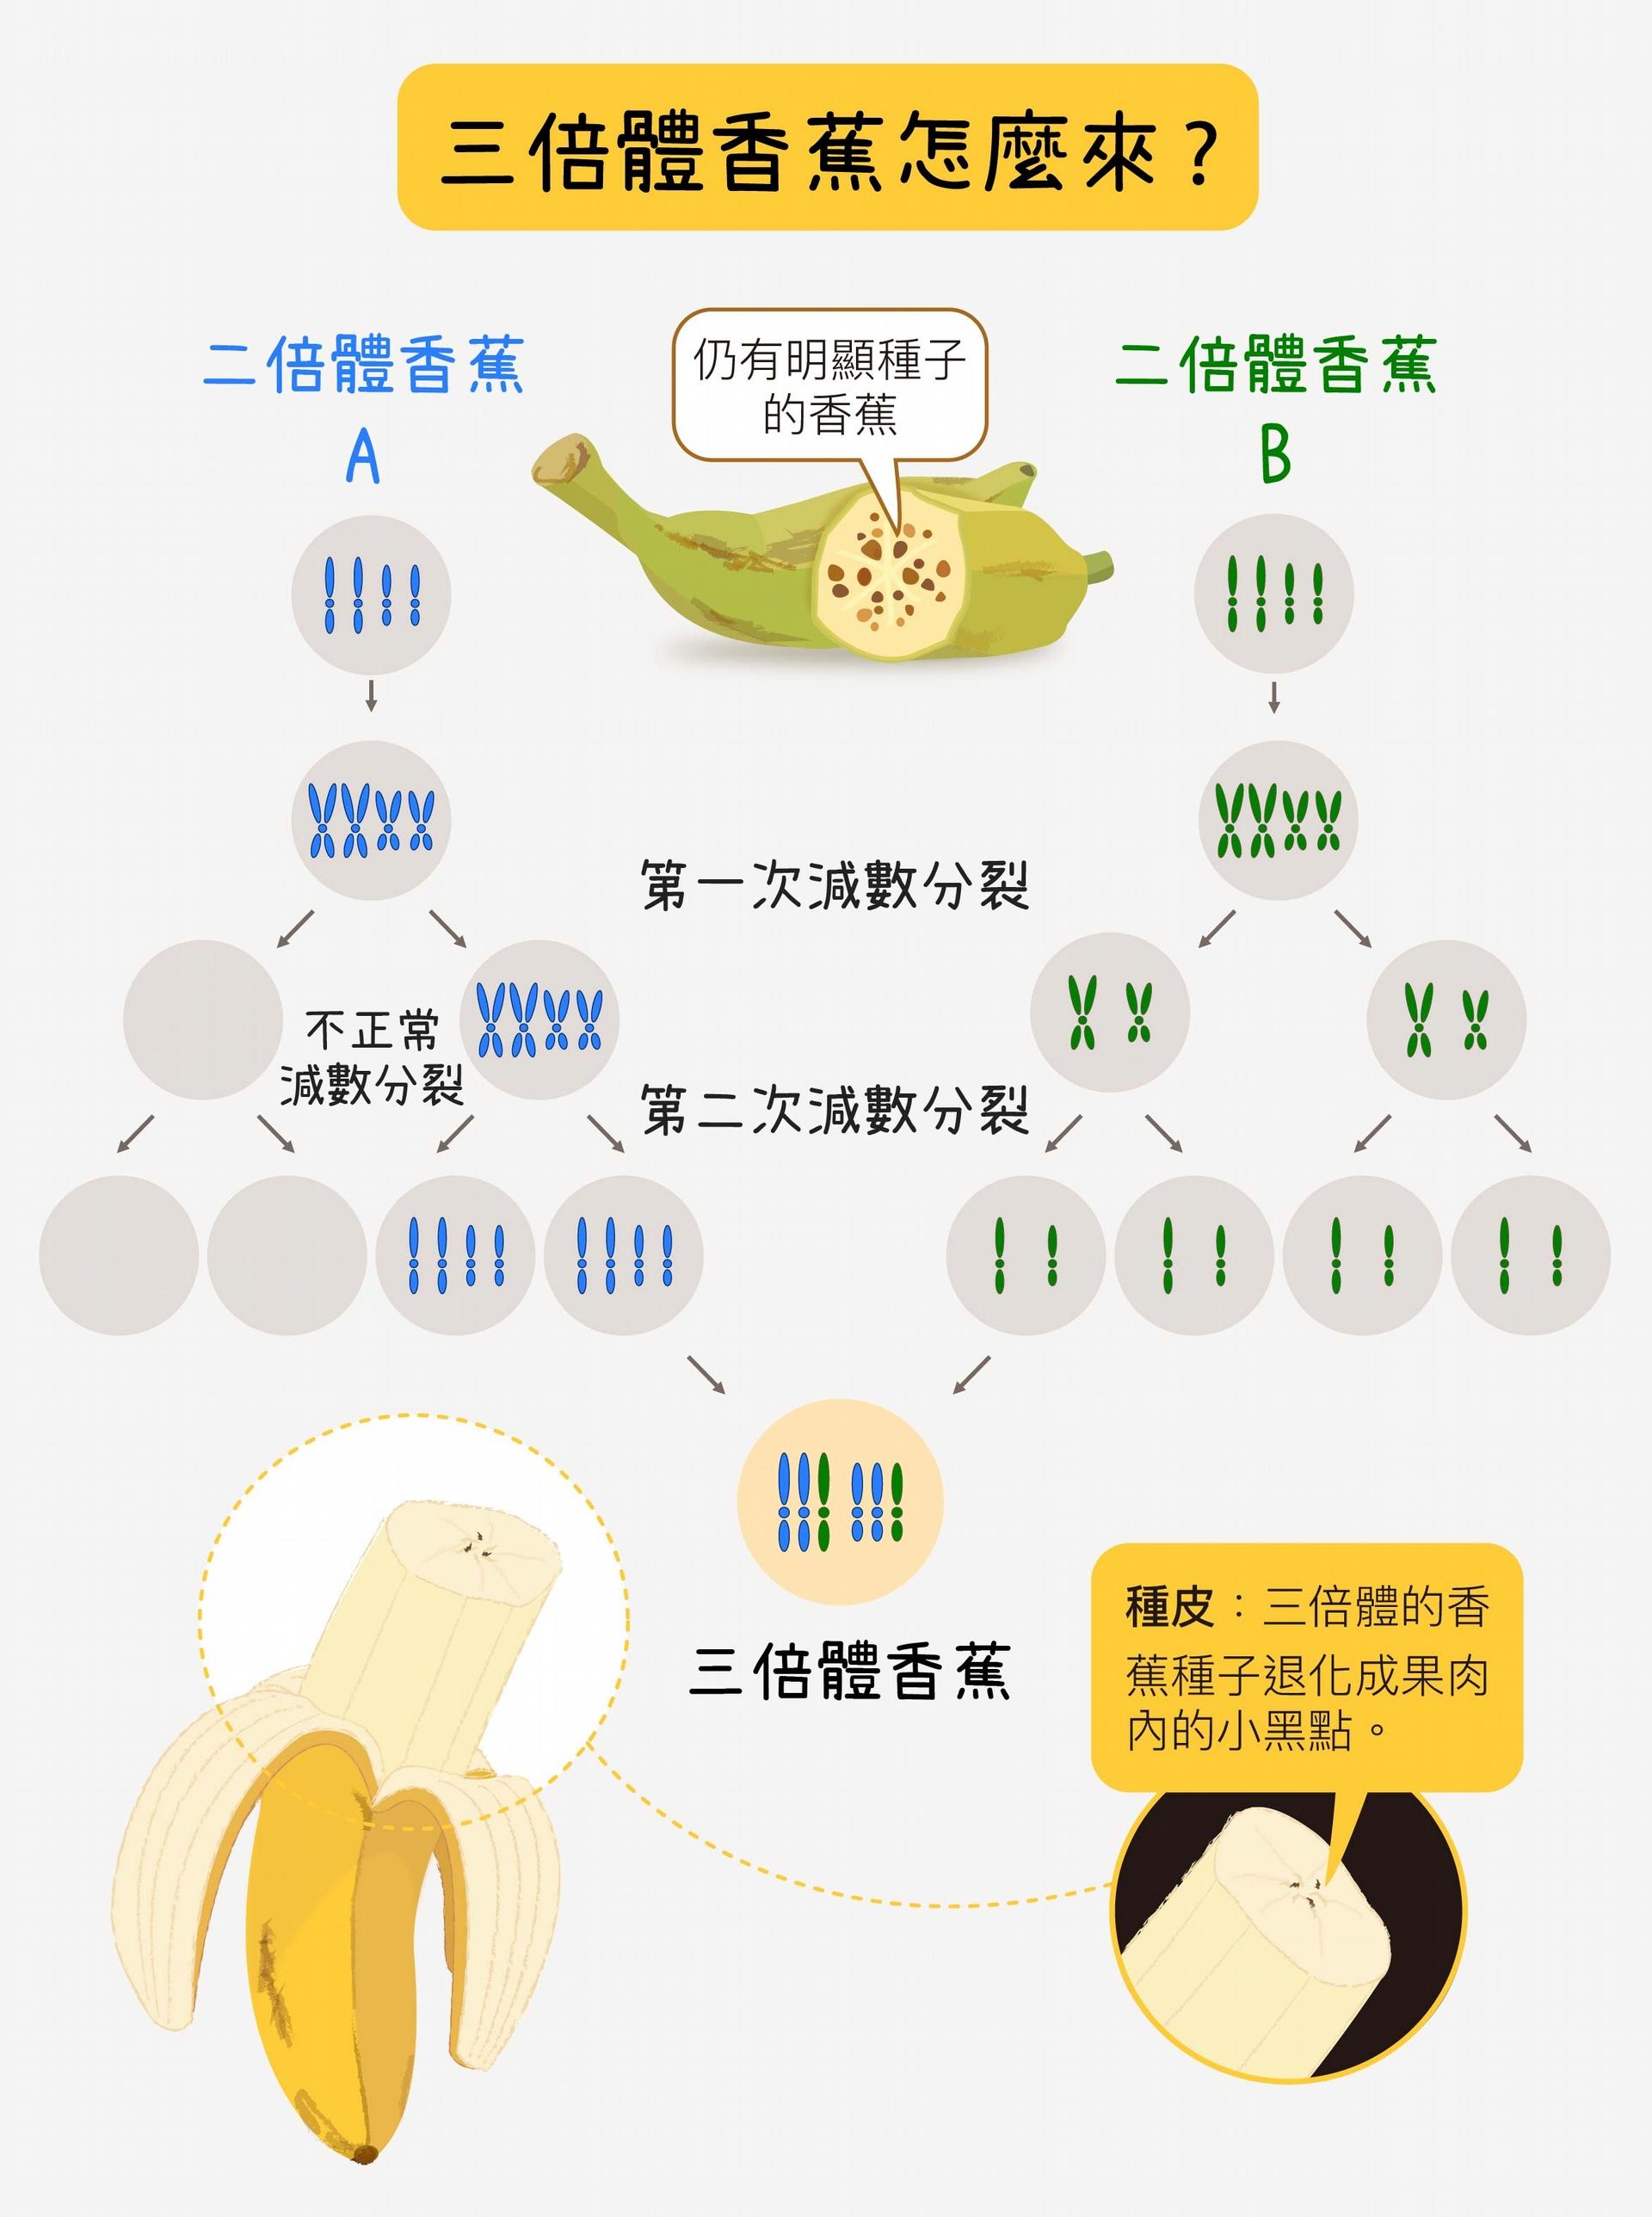 有些香蕉仍有明顯種子,它們是二倍體、四倍體,種子又黑又硬、大小如木瓜籽。三倍體的香蕉,則是二倍體和二倍體,或是二倍體和四倍體香蕉雜交而來,例如:一個二倍體親代提供一套、另一個二倍體親代提供兩套,結合成三倍。三倍體香蕉種子不能正常發育,只剩下種皮。 資料來源│ 蘇柏諺 (陳荷明實驗室) 圖說重製│林洵安